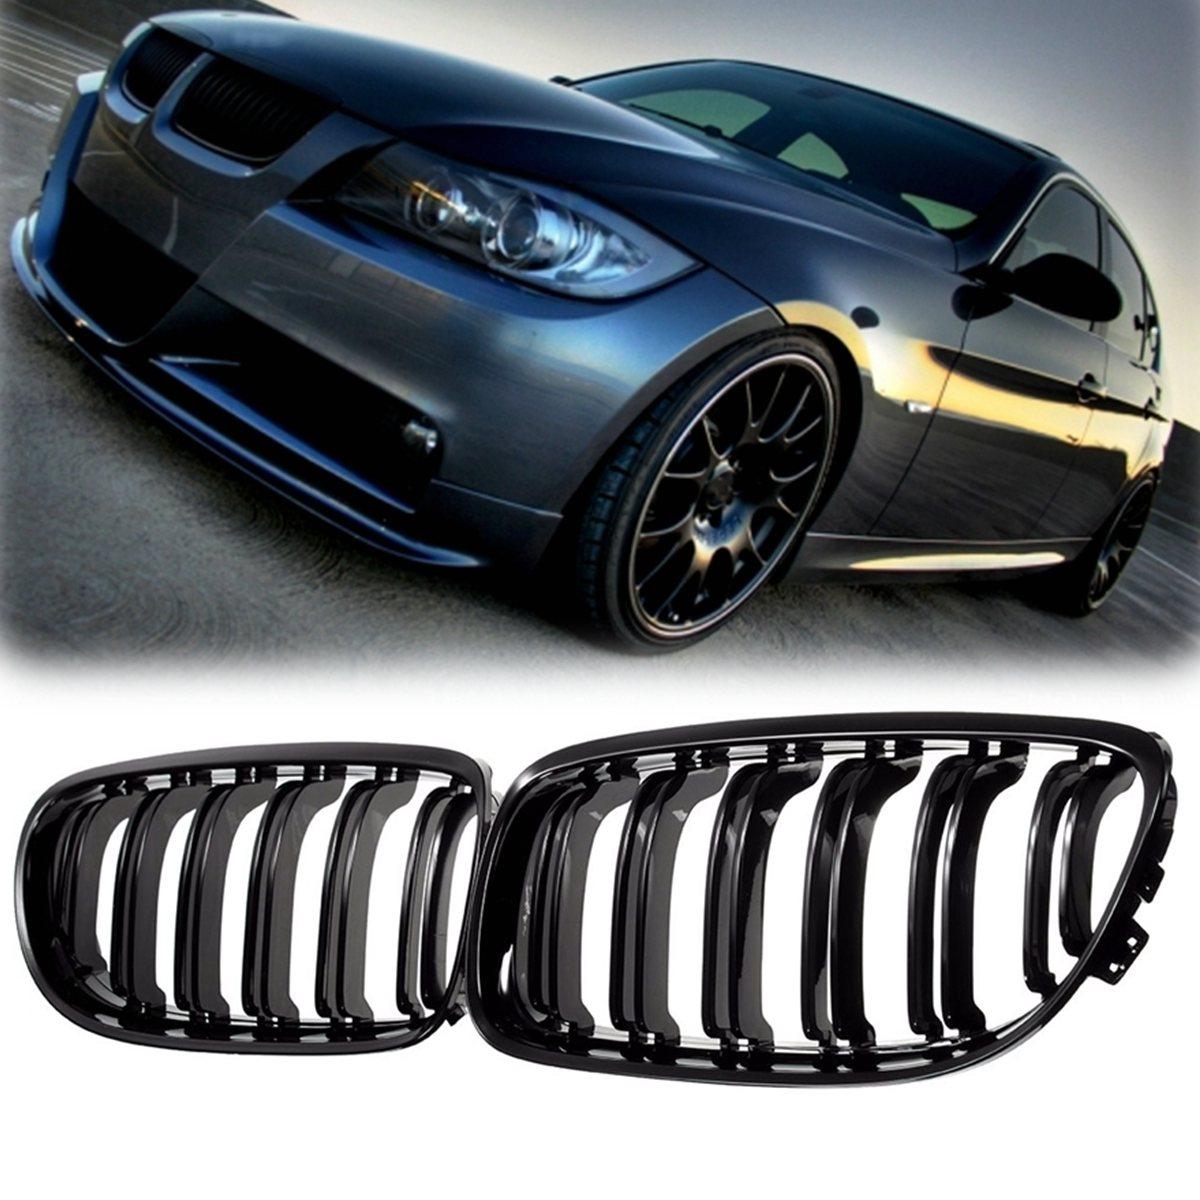 Çift Mat/Parlak Siyah Araba bmw için ön ızgara E90 LCI 3-serisi Sedan/Wagon 09-11 Yarış Izgaralar